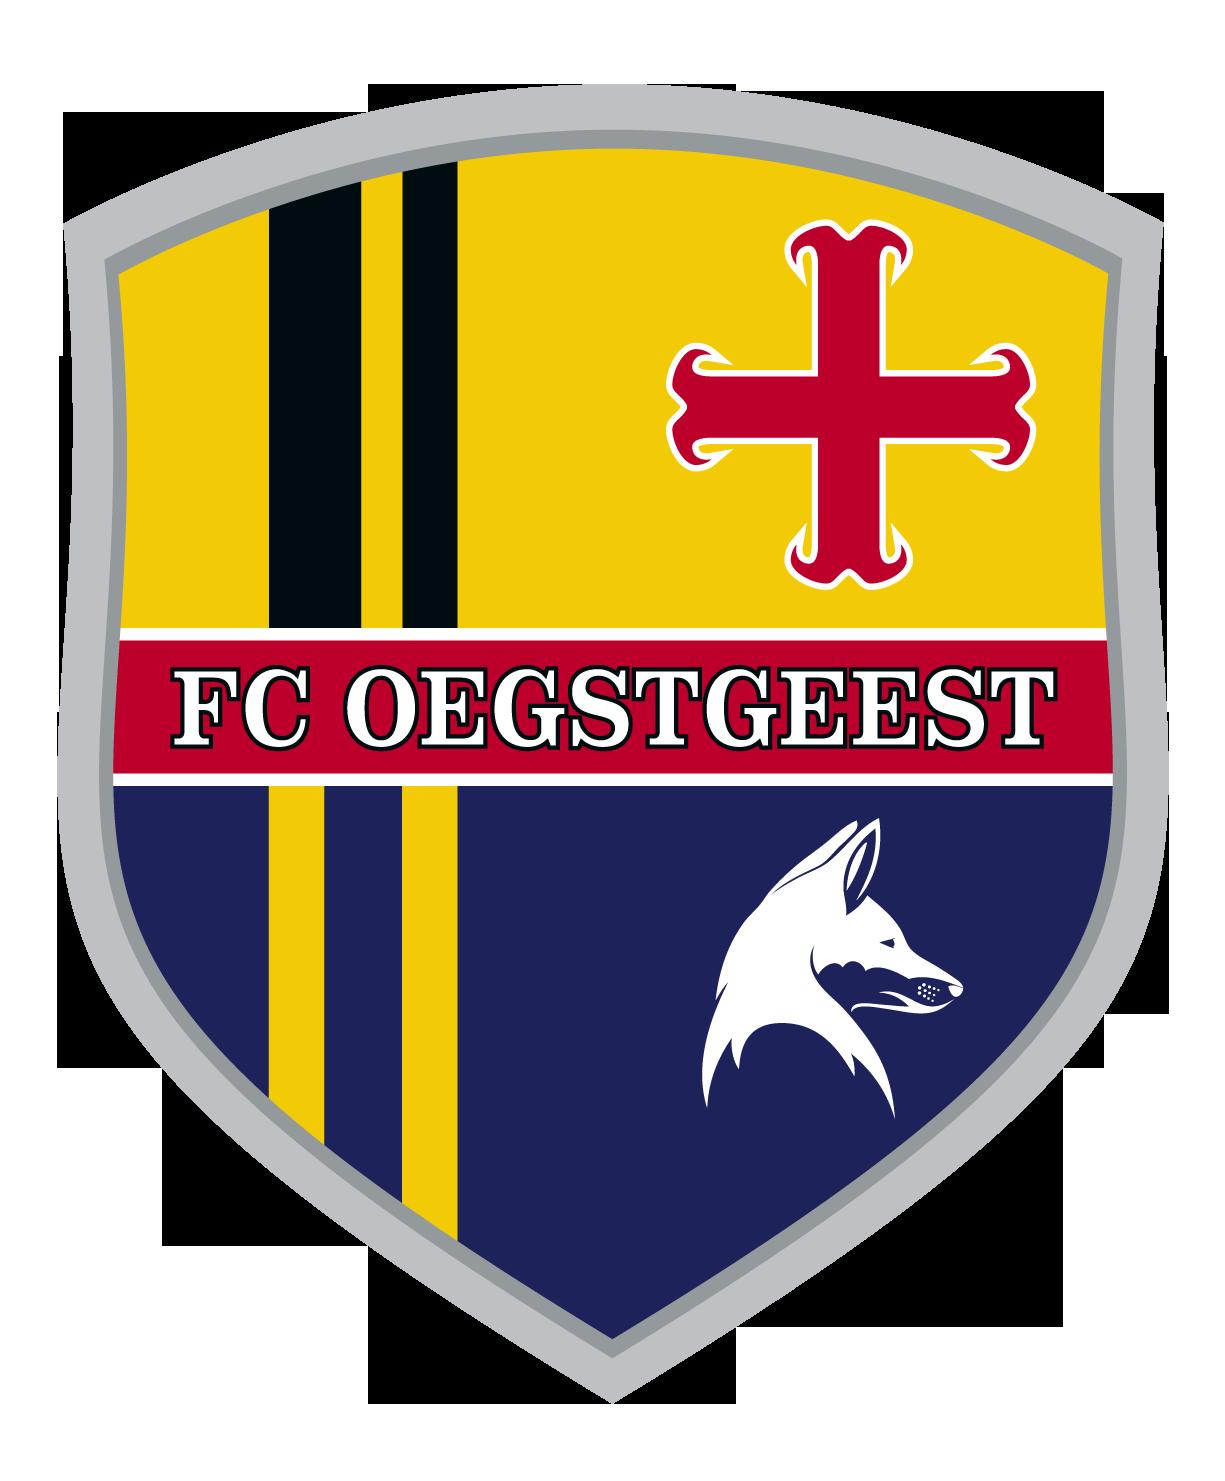 FC Oegstgeest geen oud papier